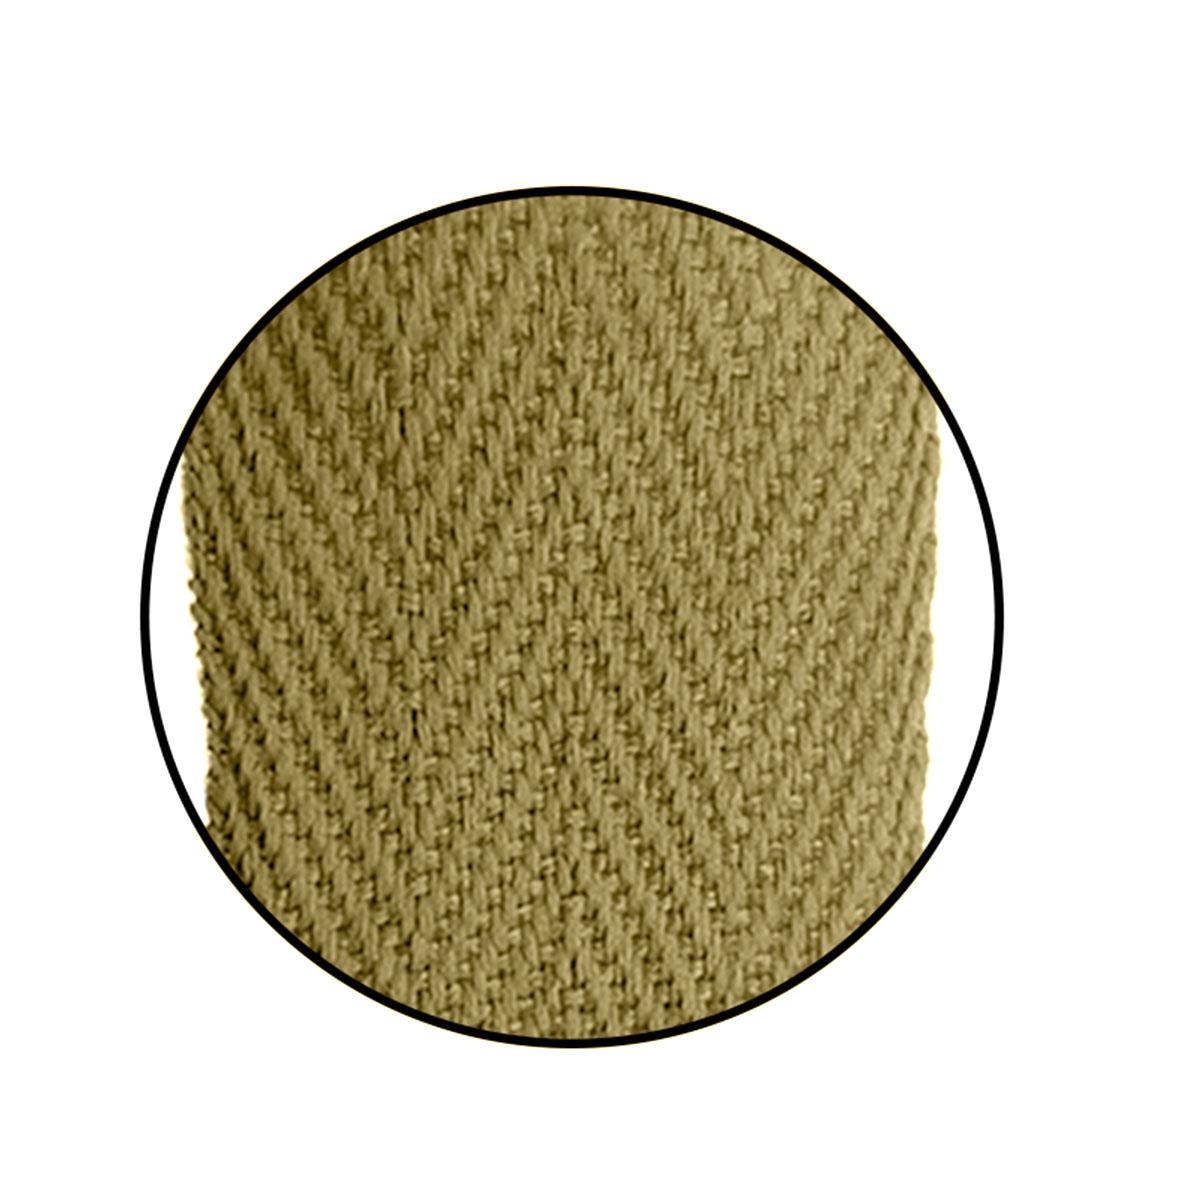 Alça Gorgurão (Escama) 25mm x 80 cm - Com Ponteira de Acetato Cristal (100 unidades)